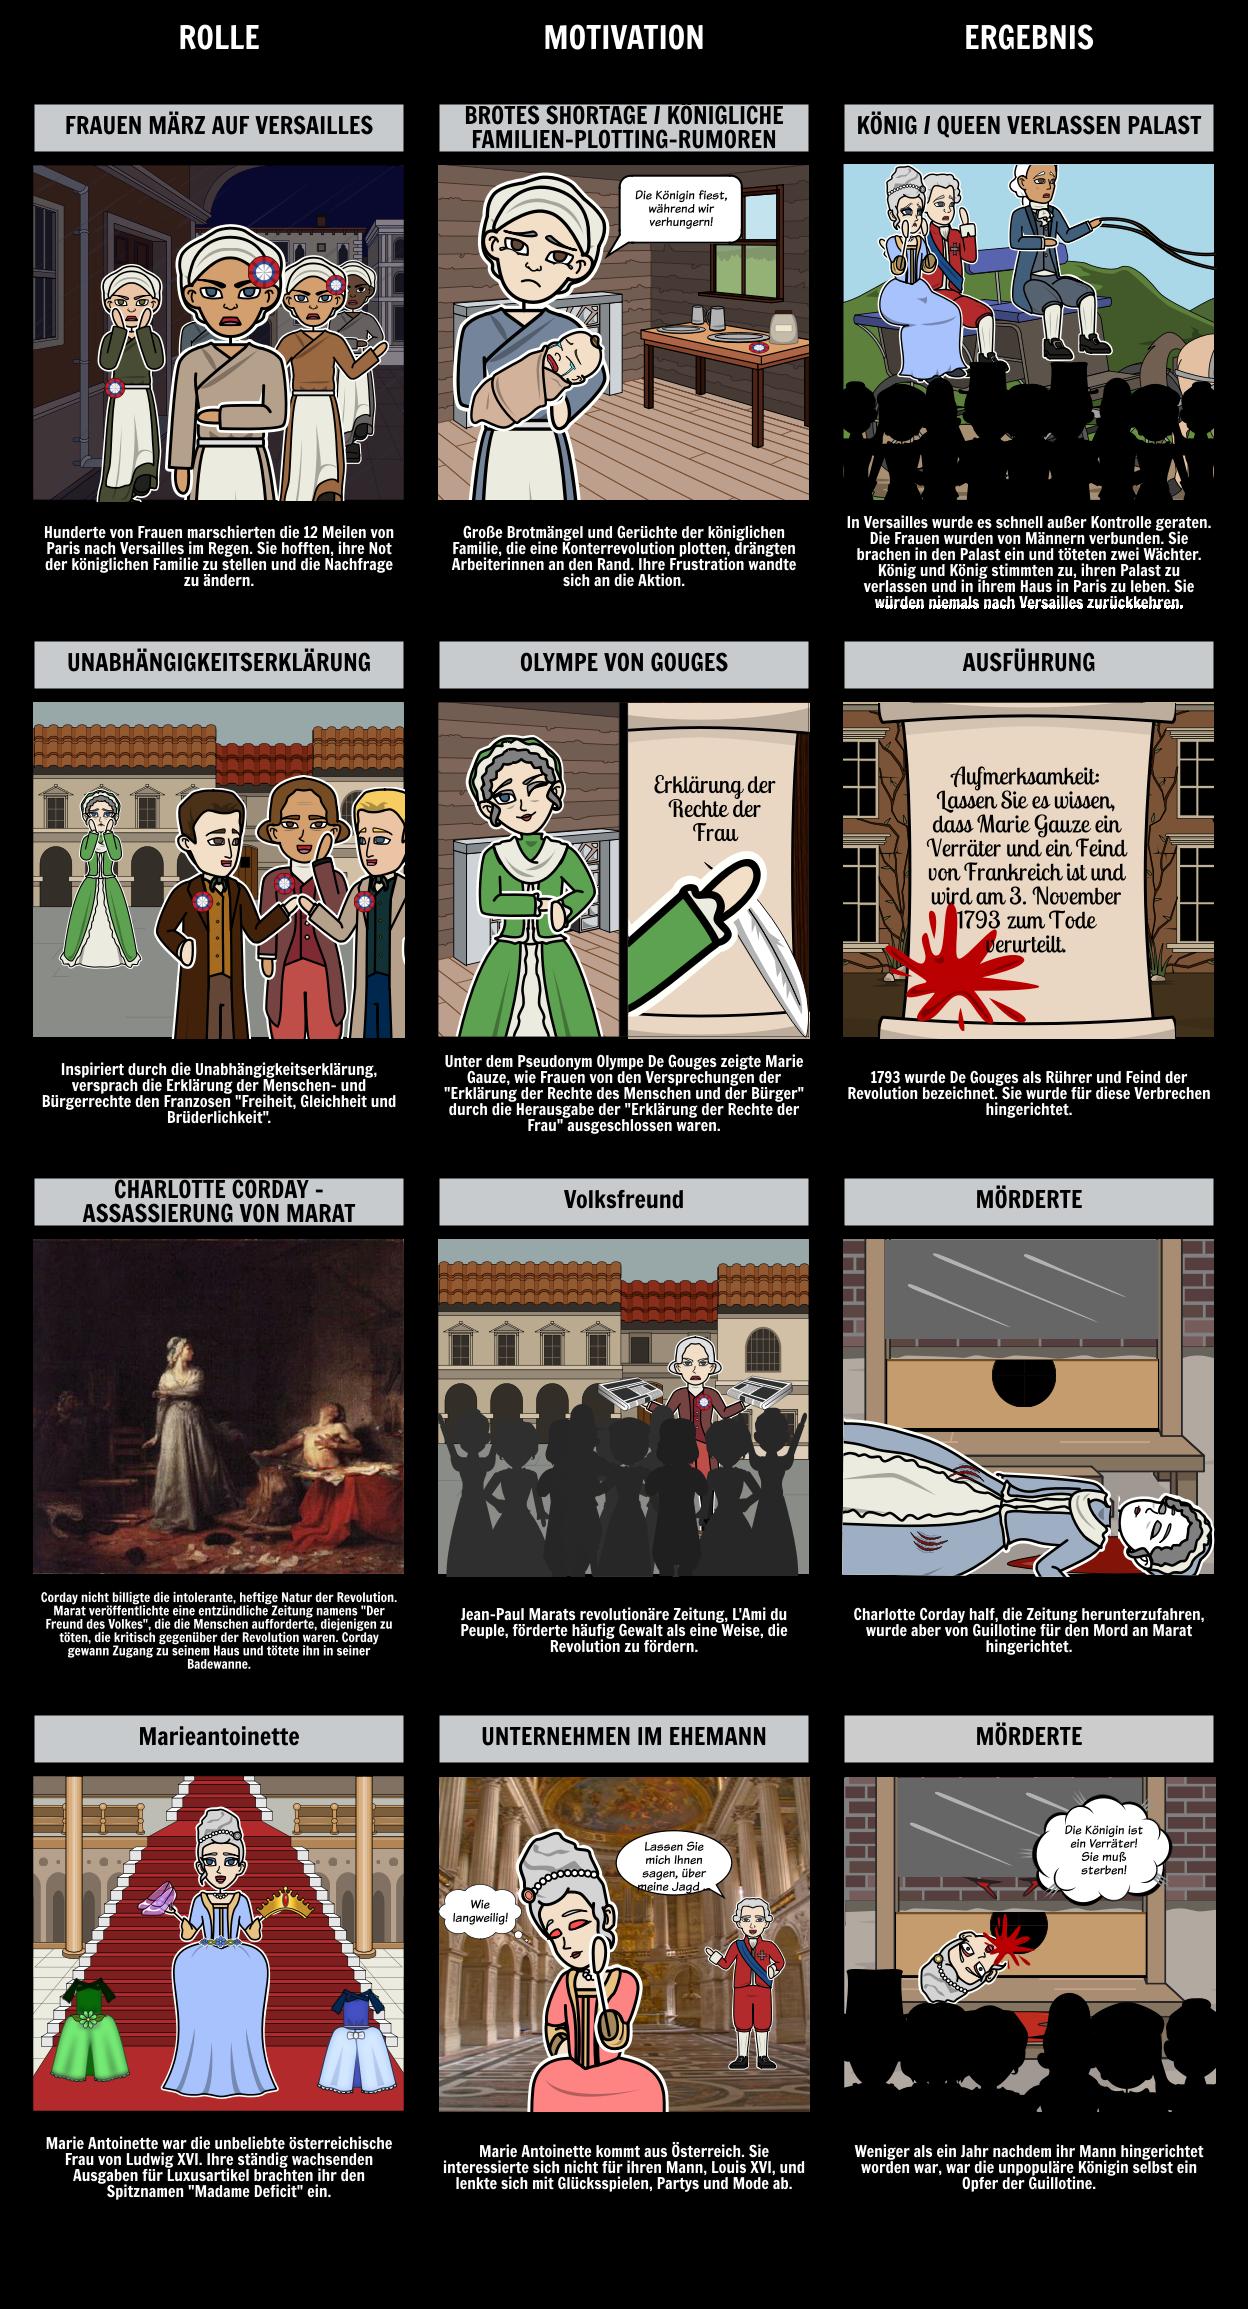 Die Rolle der Frauen in der Französischen Revolution